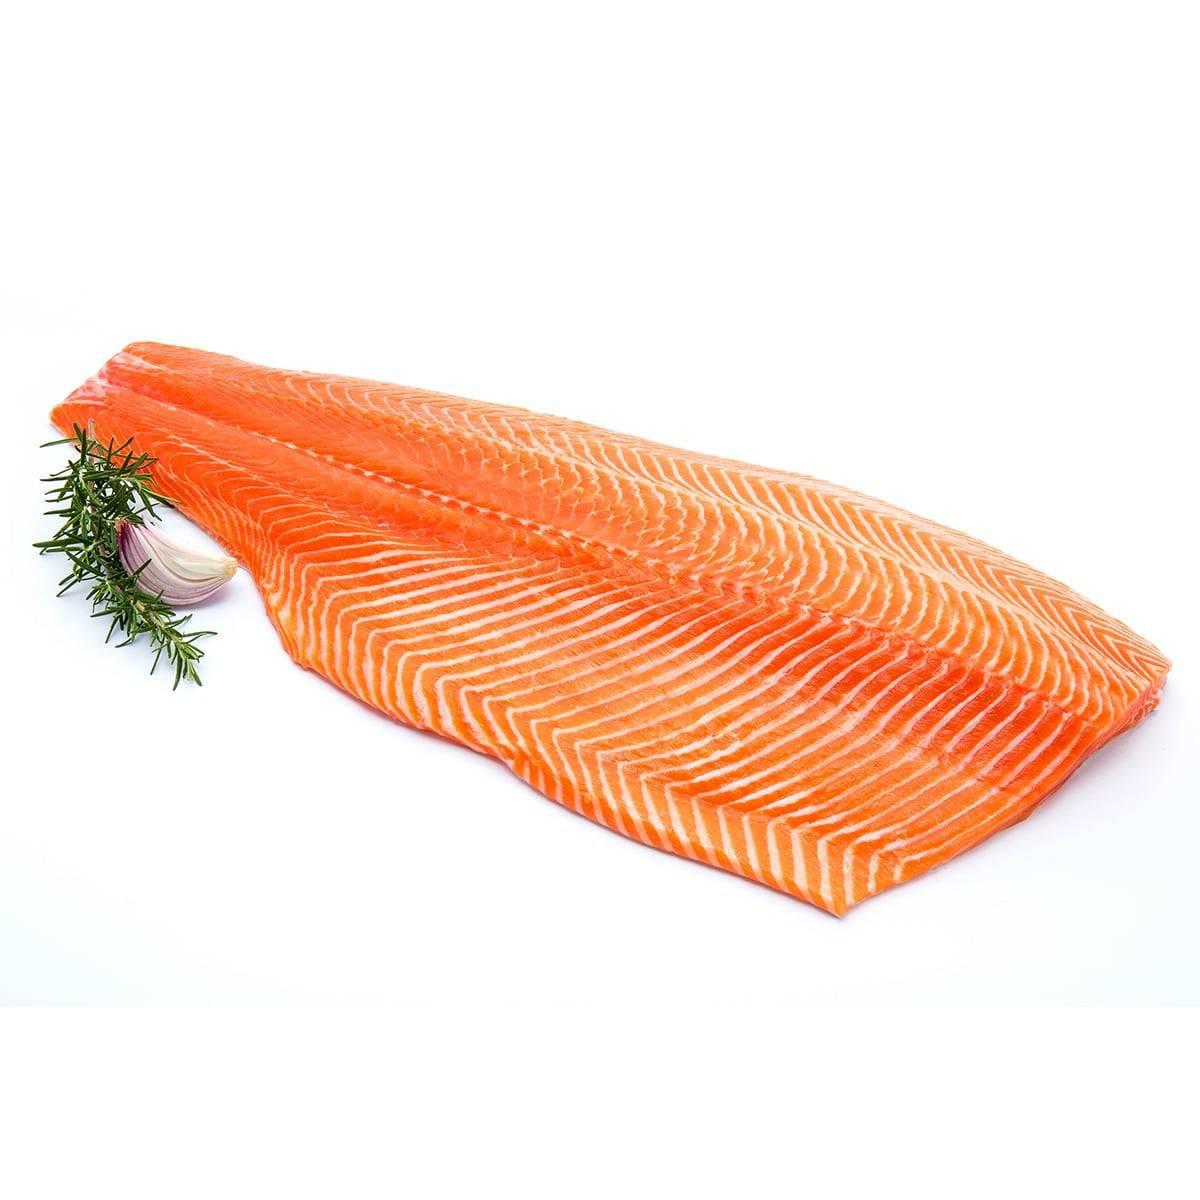 Охлажденное филе лосося